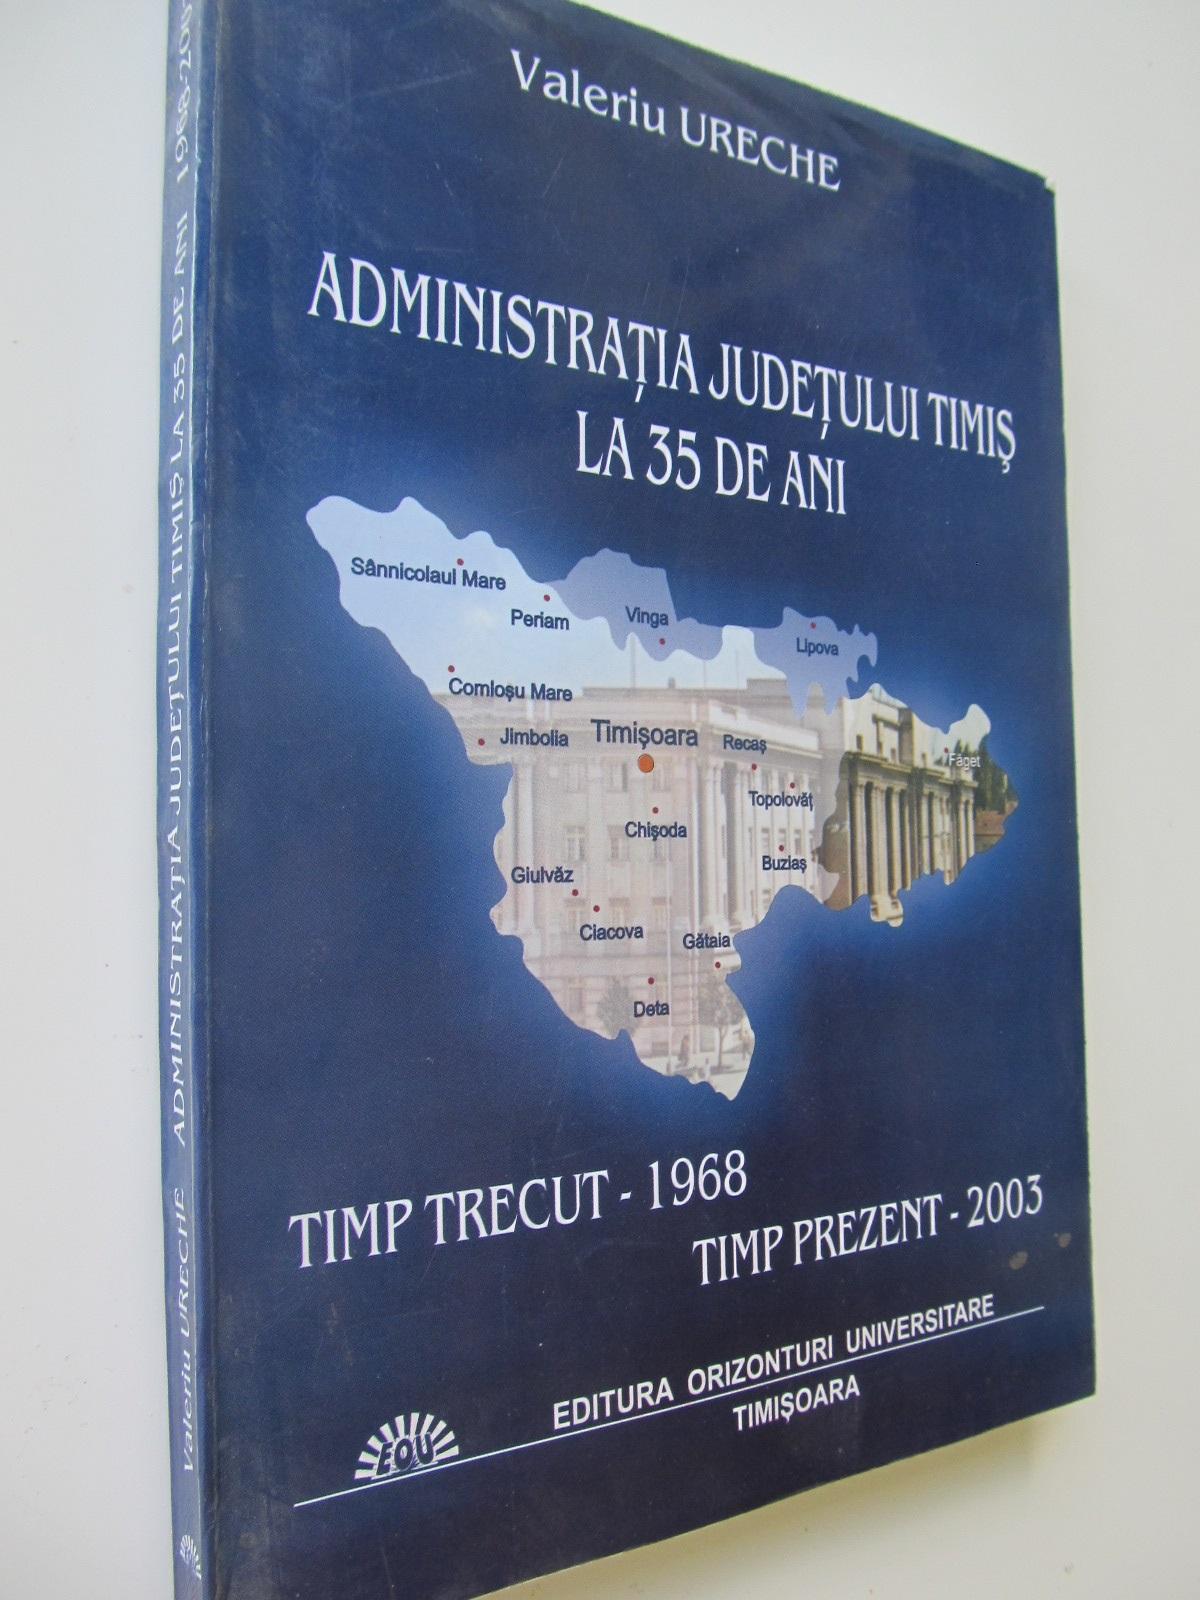 Administratia judetului Timis la 35 ani - Valeriu Ureche | Detalii carte